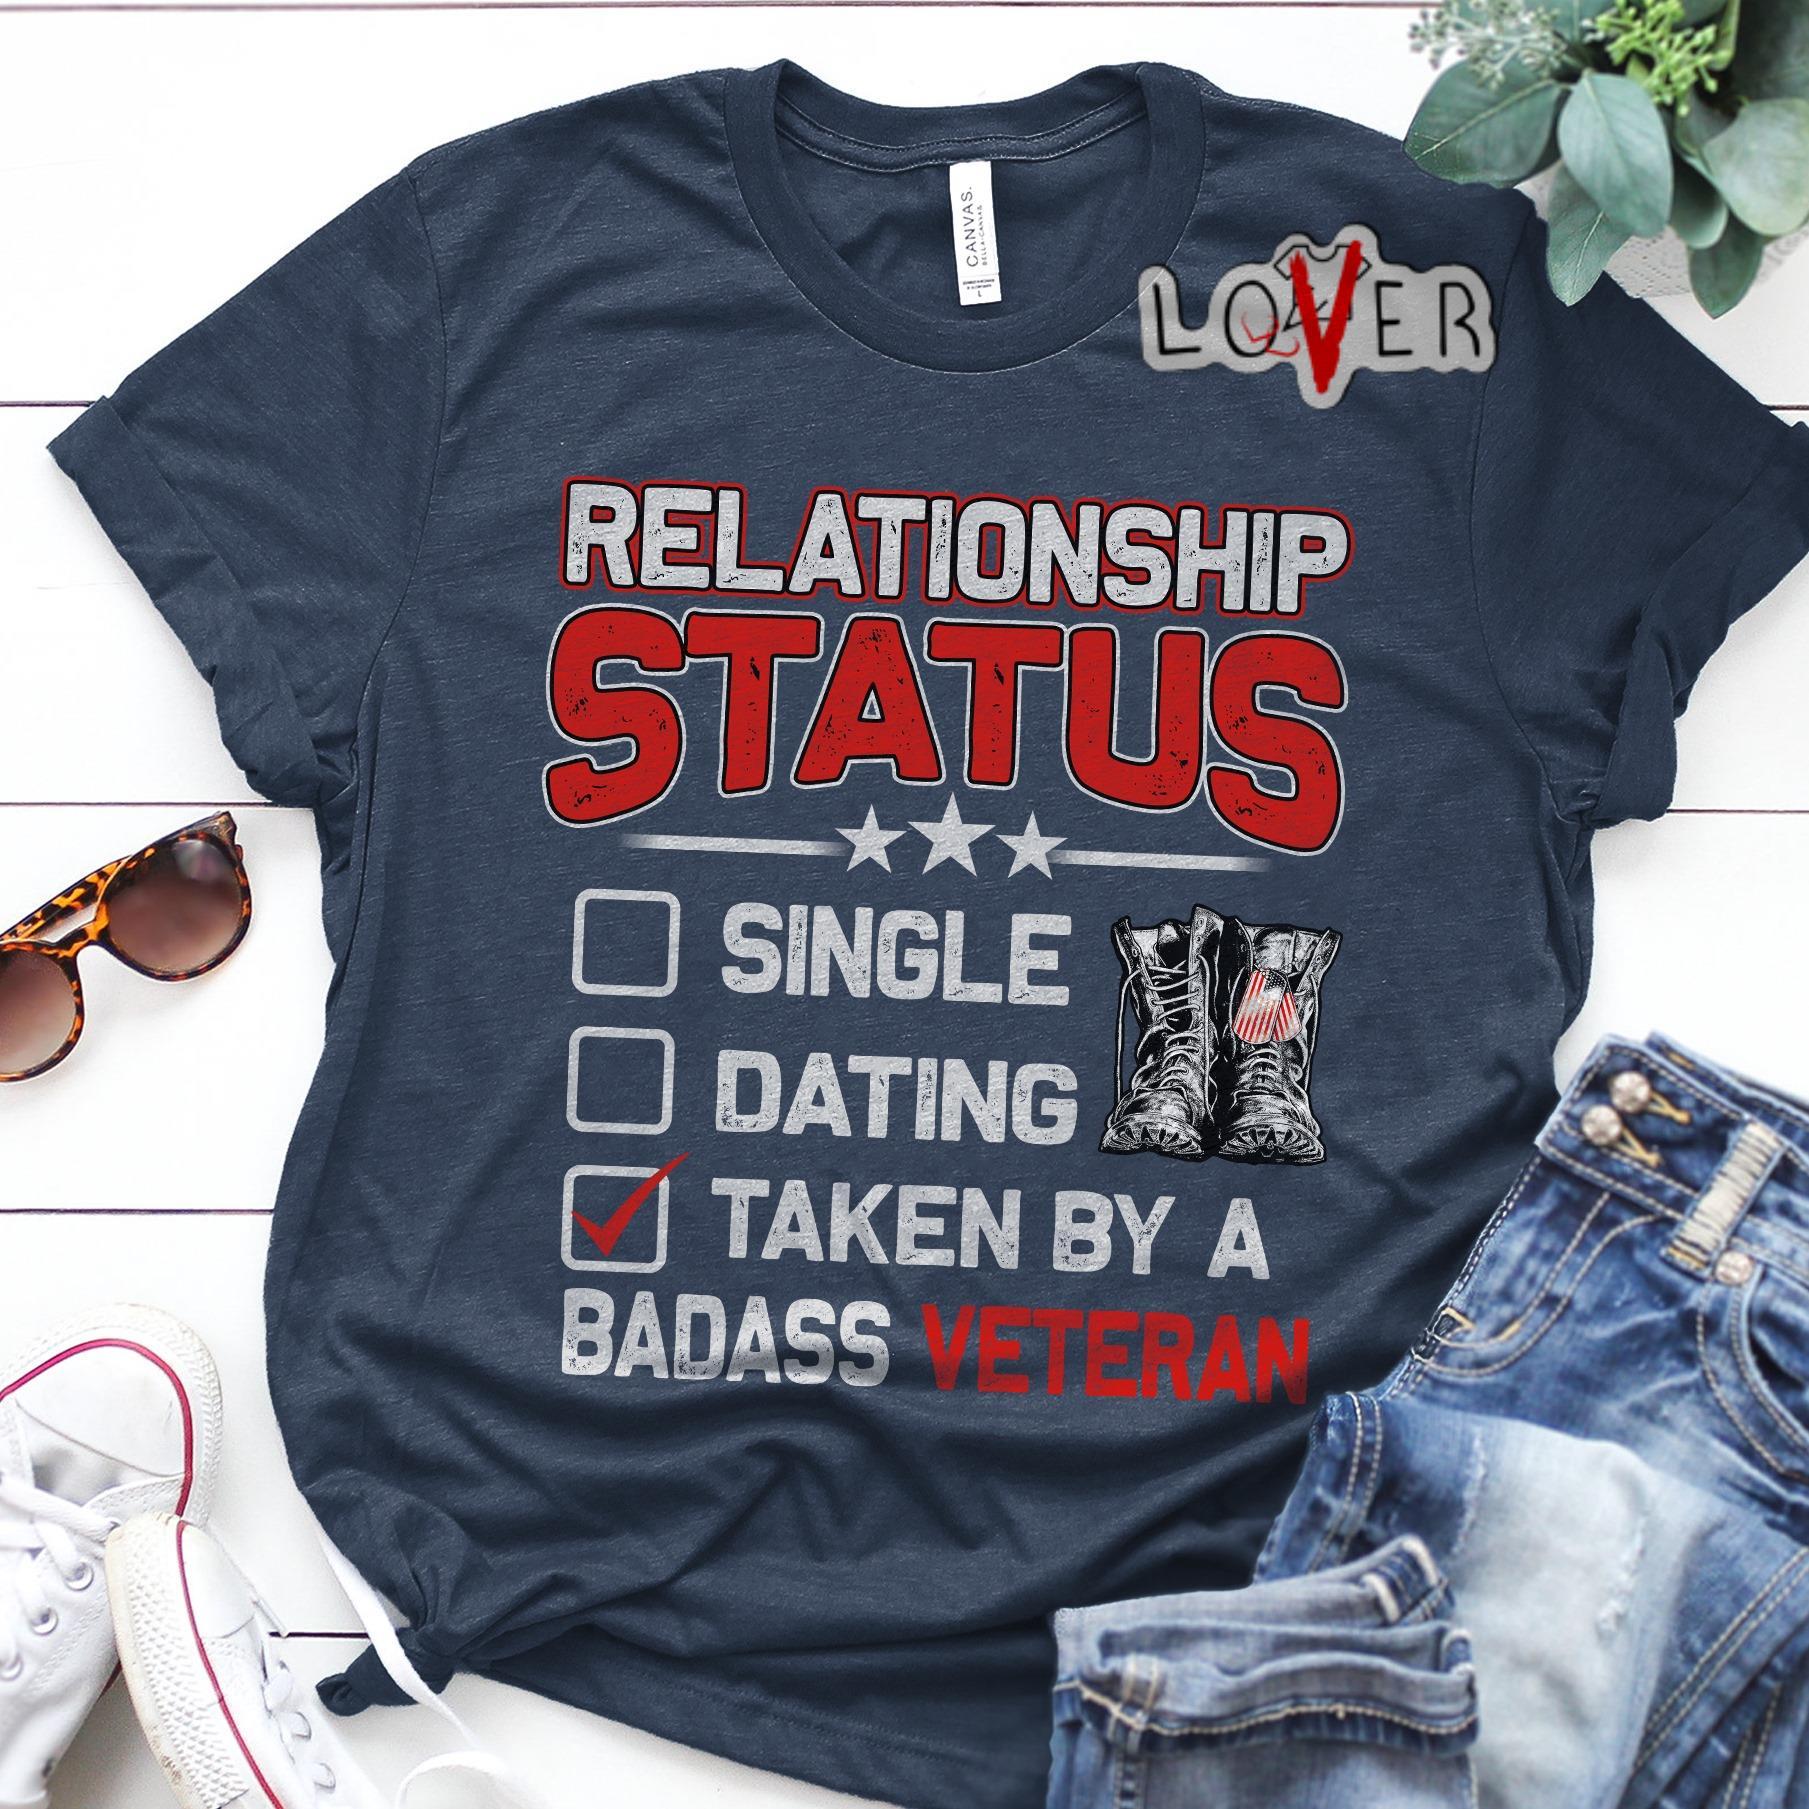 Relationship status single dating taken by a badass veteran shirt